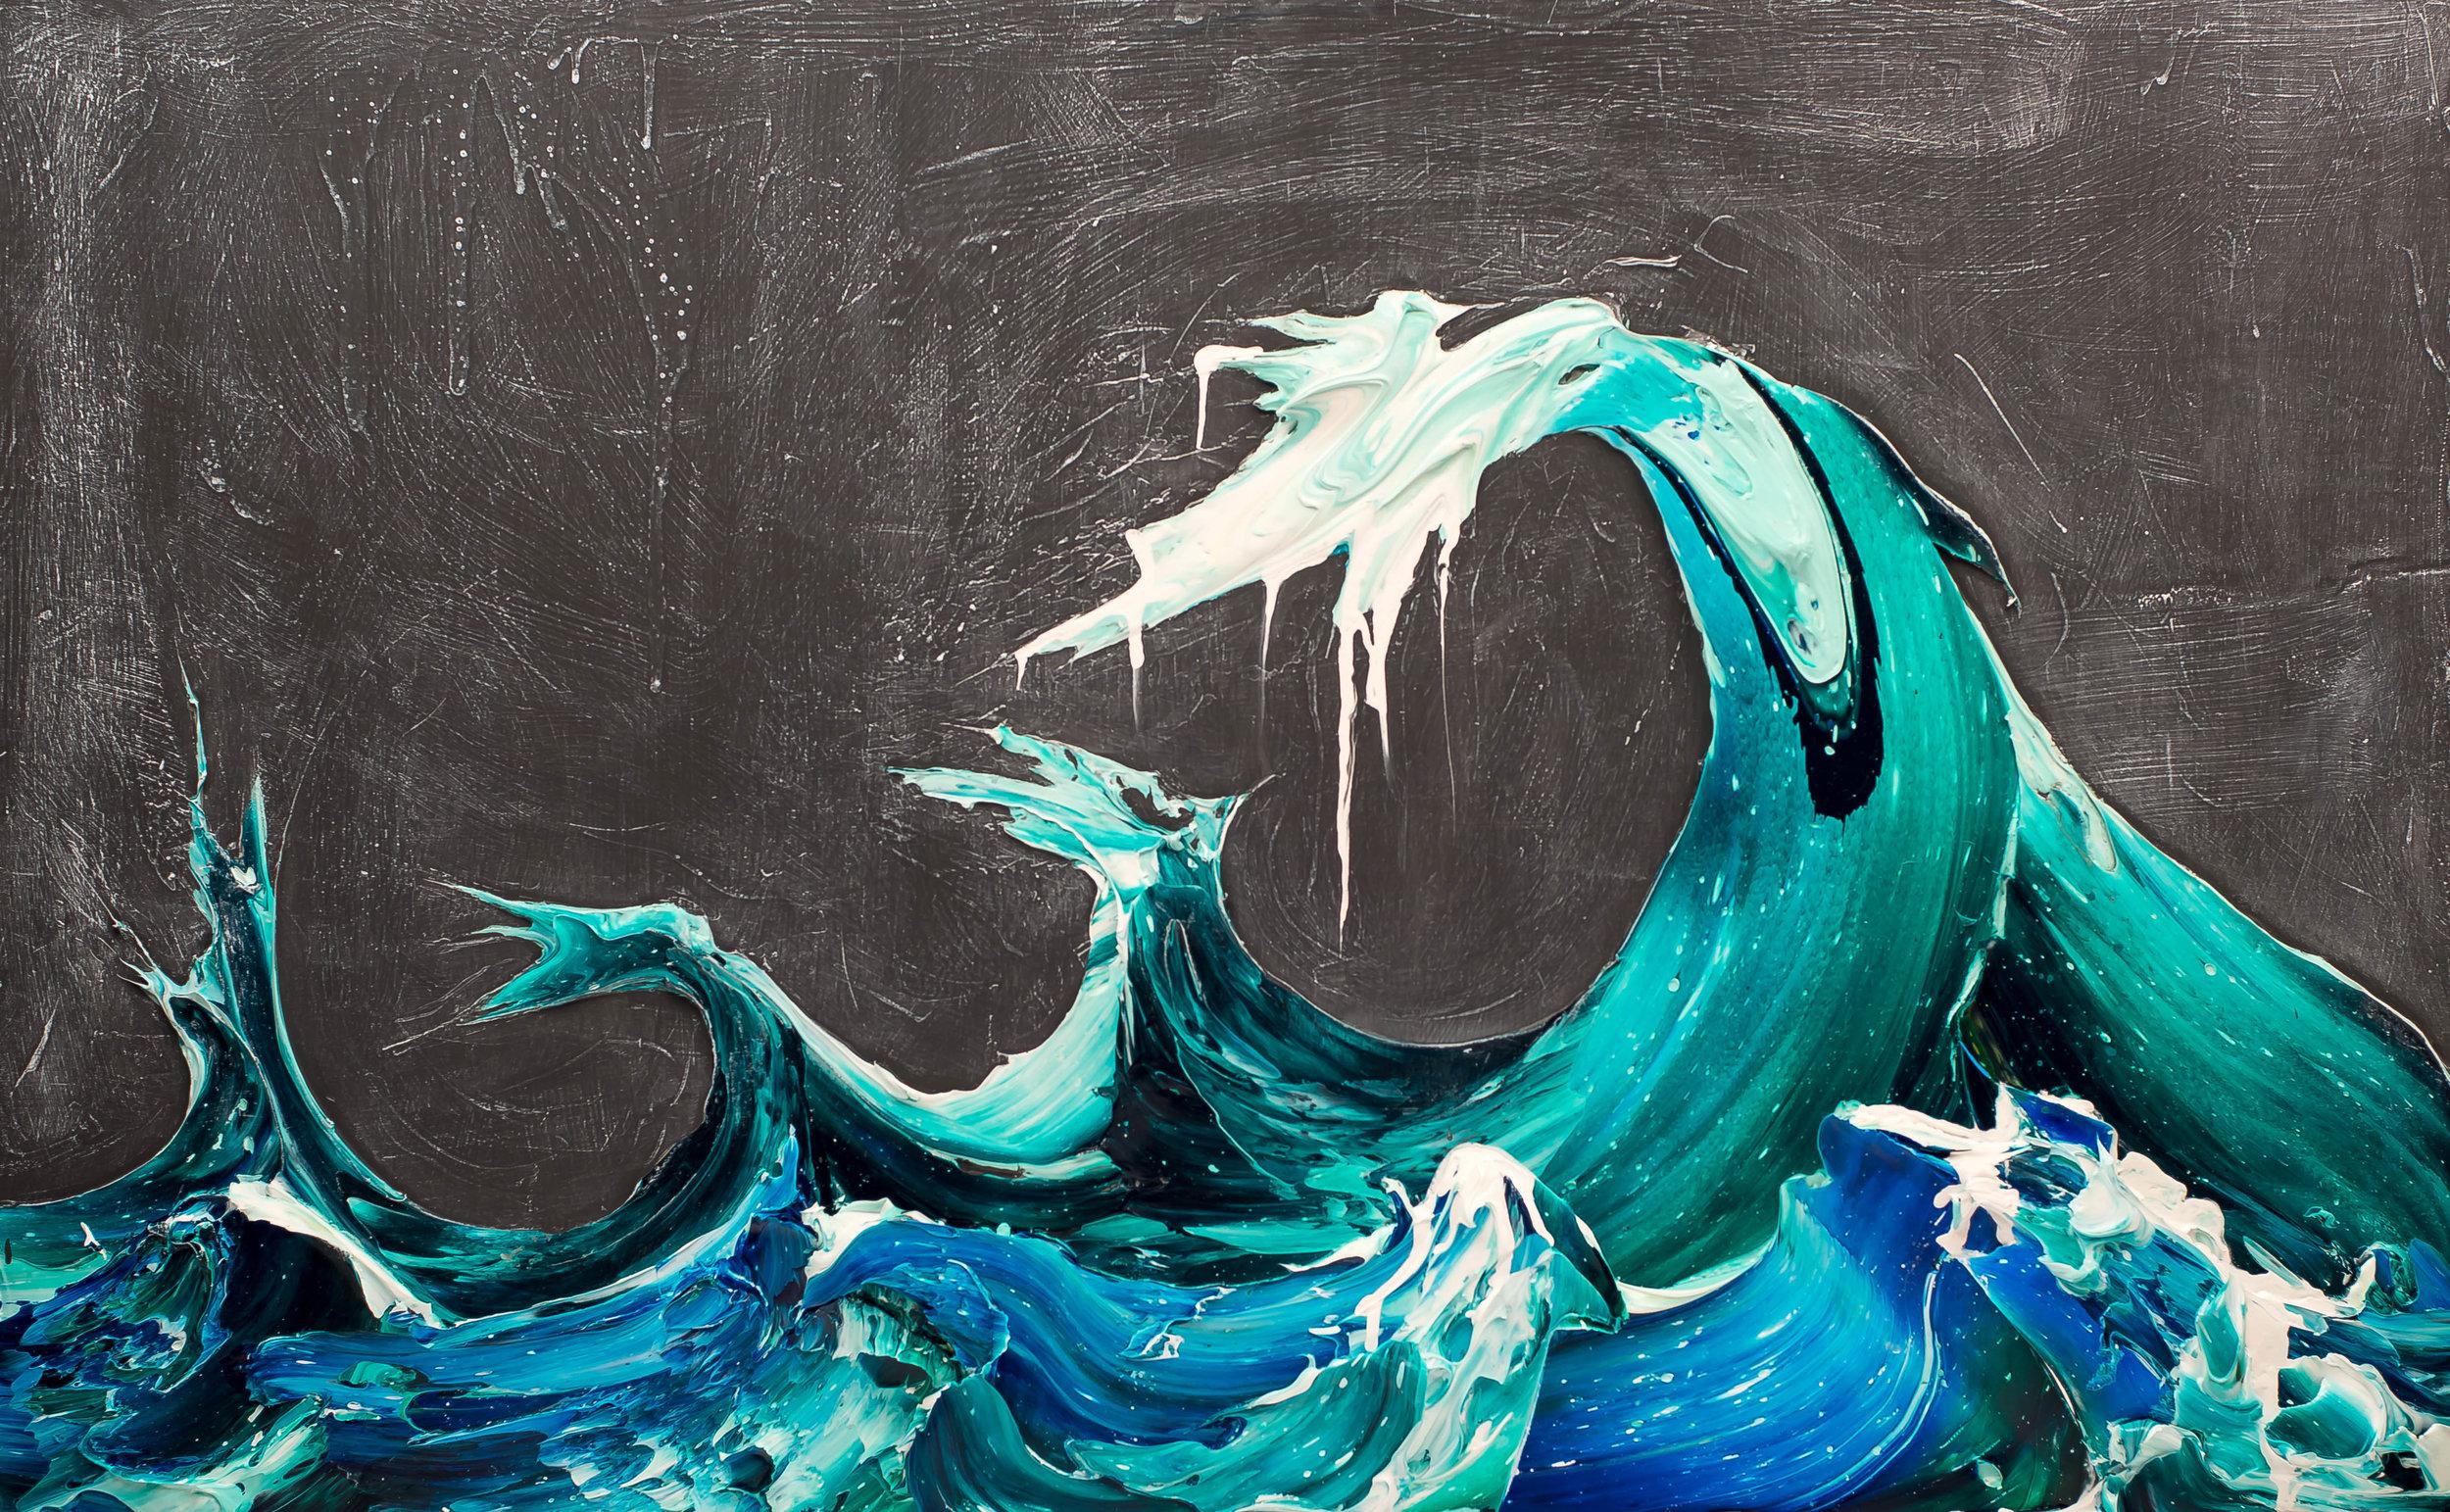 WAVE SERIES 6